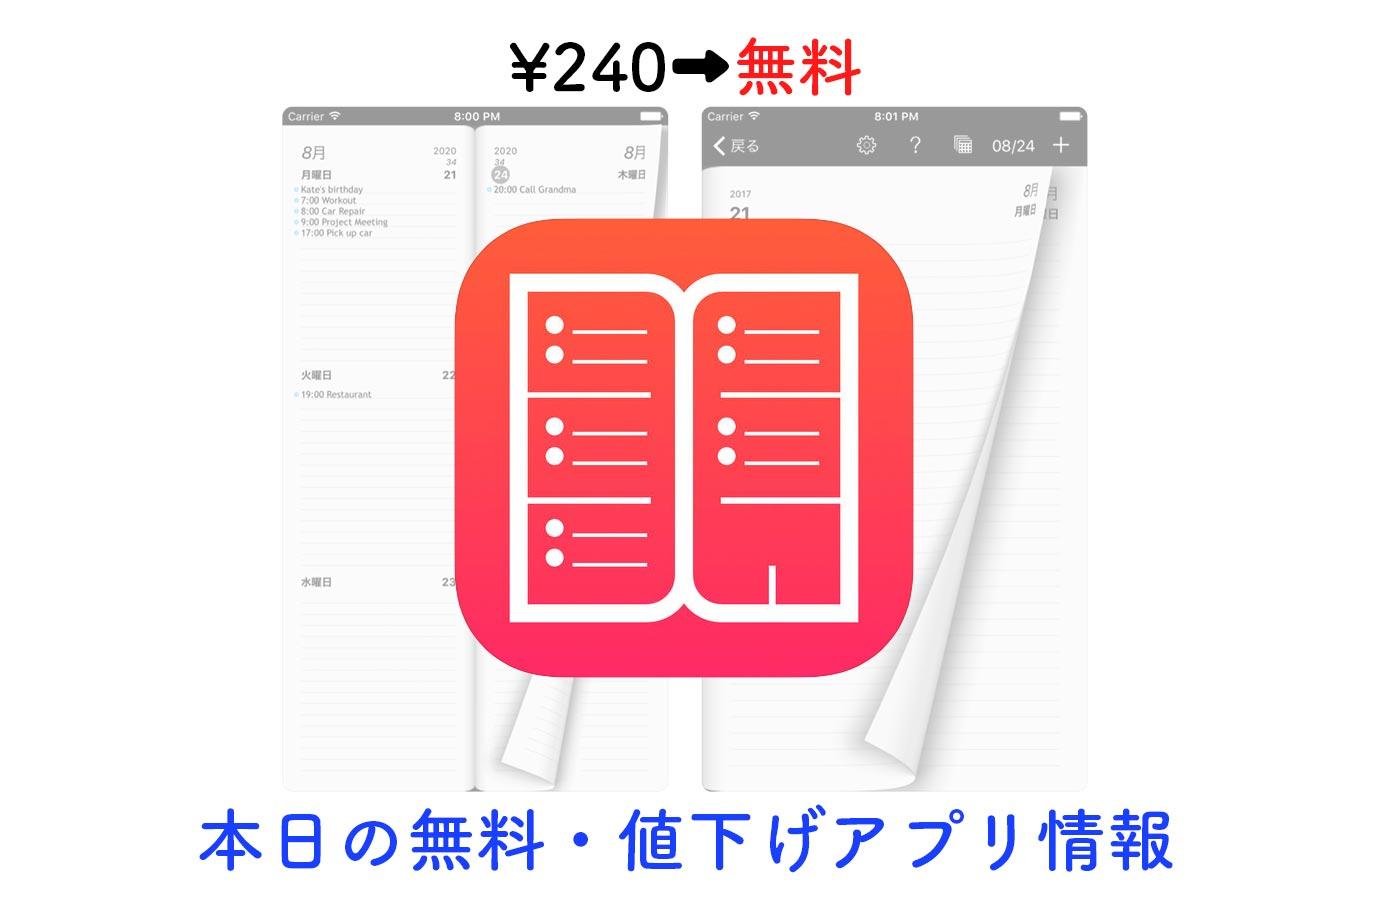 ¥240→無料、一週間の予定が分かりやすいカレンダー「ウィークカレンダー」など【3/31】セールアプリ情報